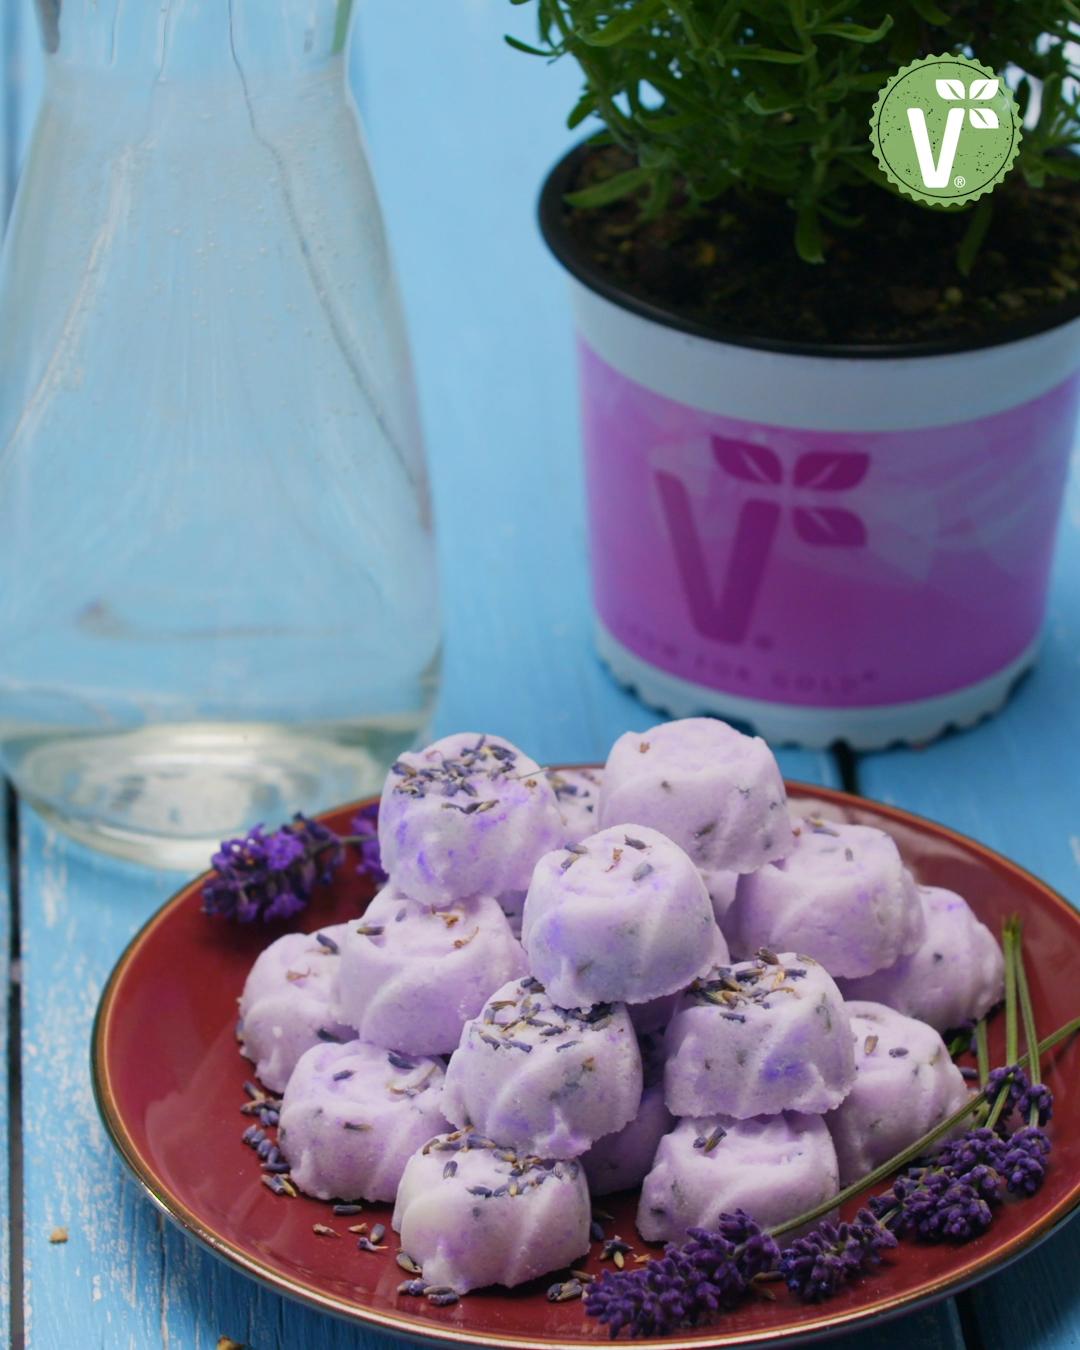 Sprudelnde Badepralinen mit Lavendel (DIY-Badekugeln selbst machen) - Volmary QuickTipps